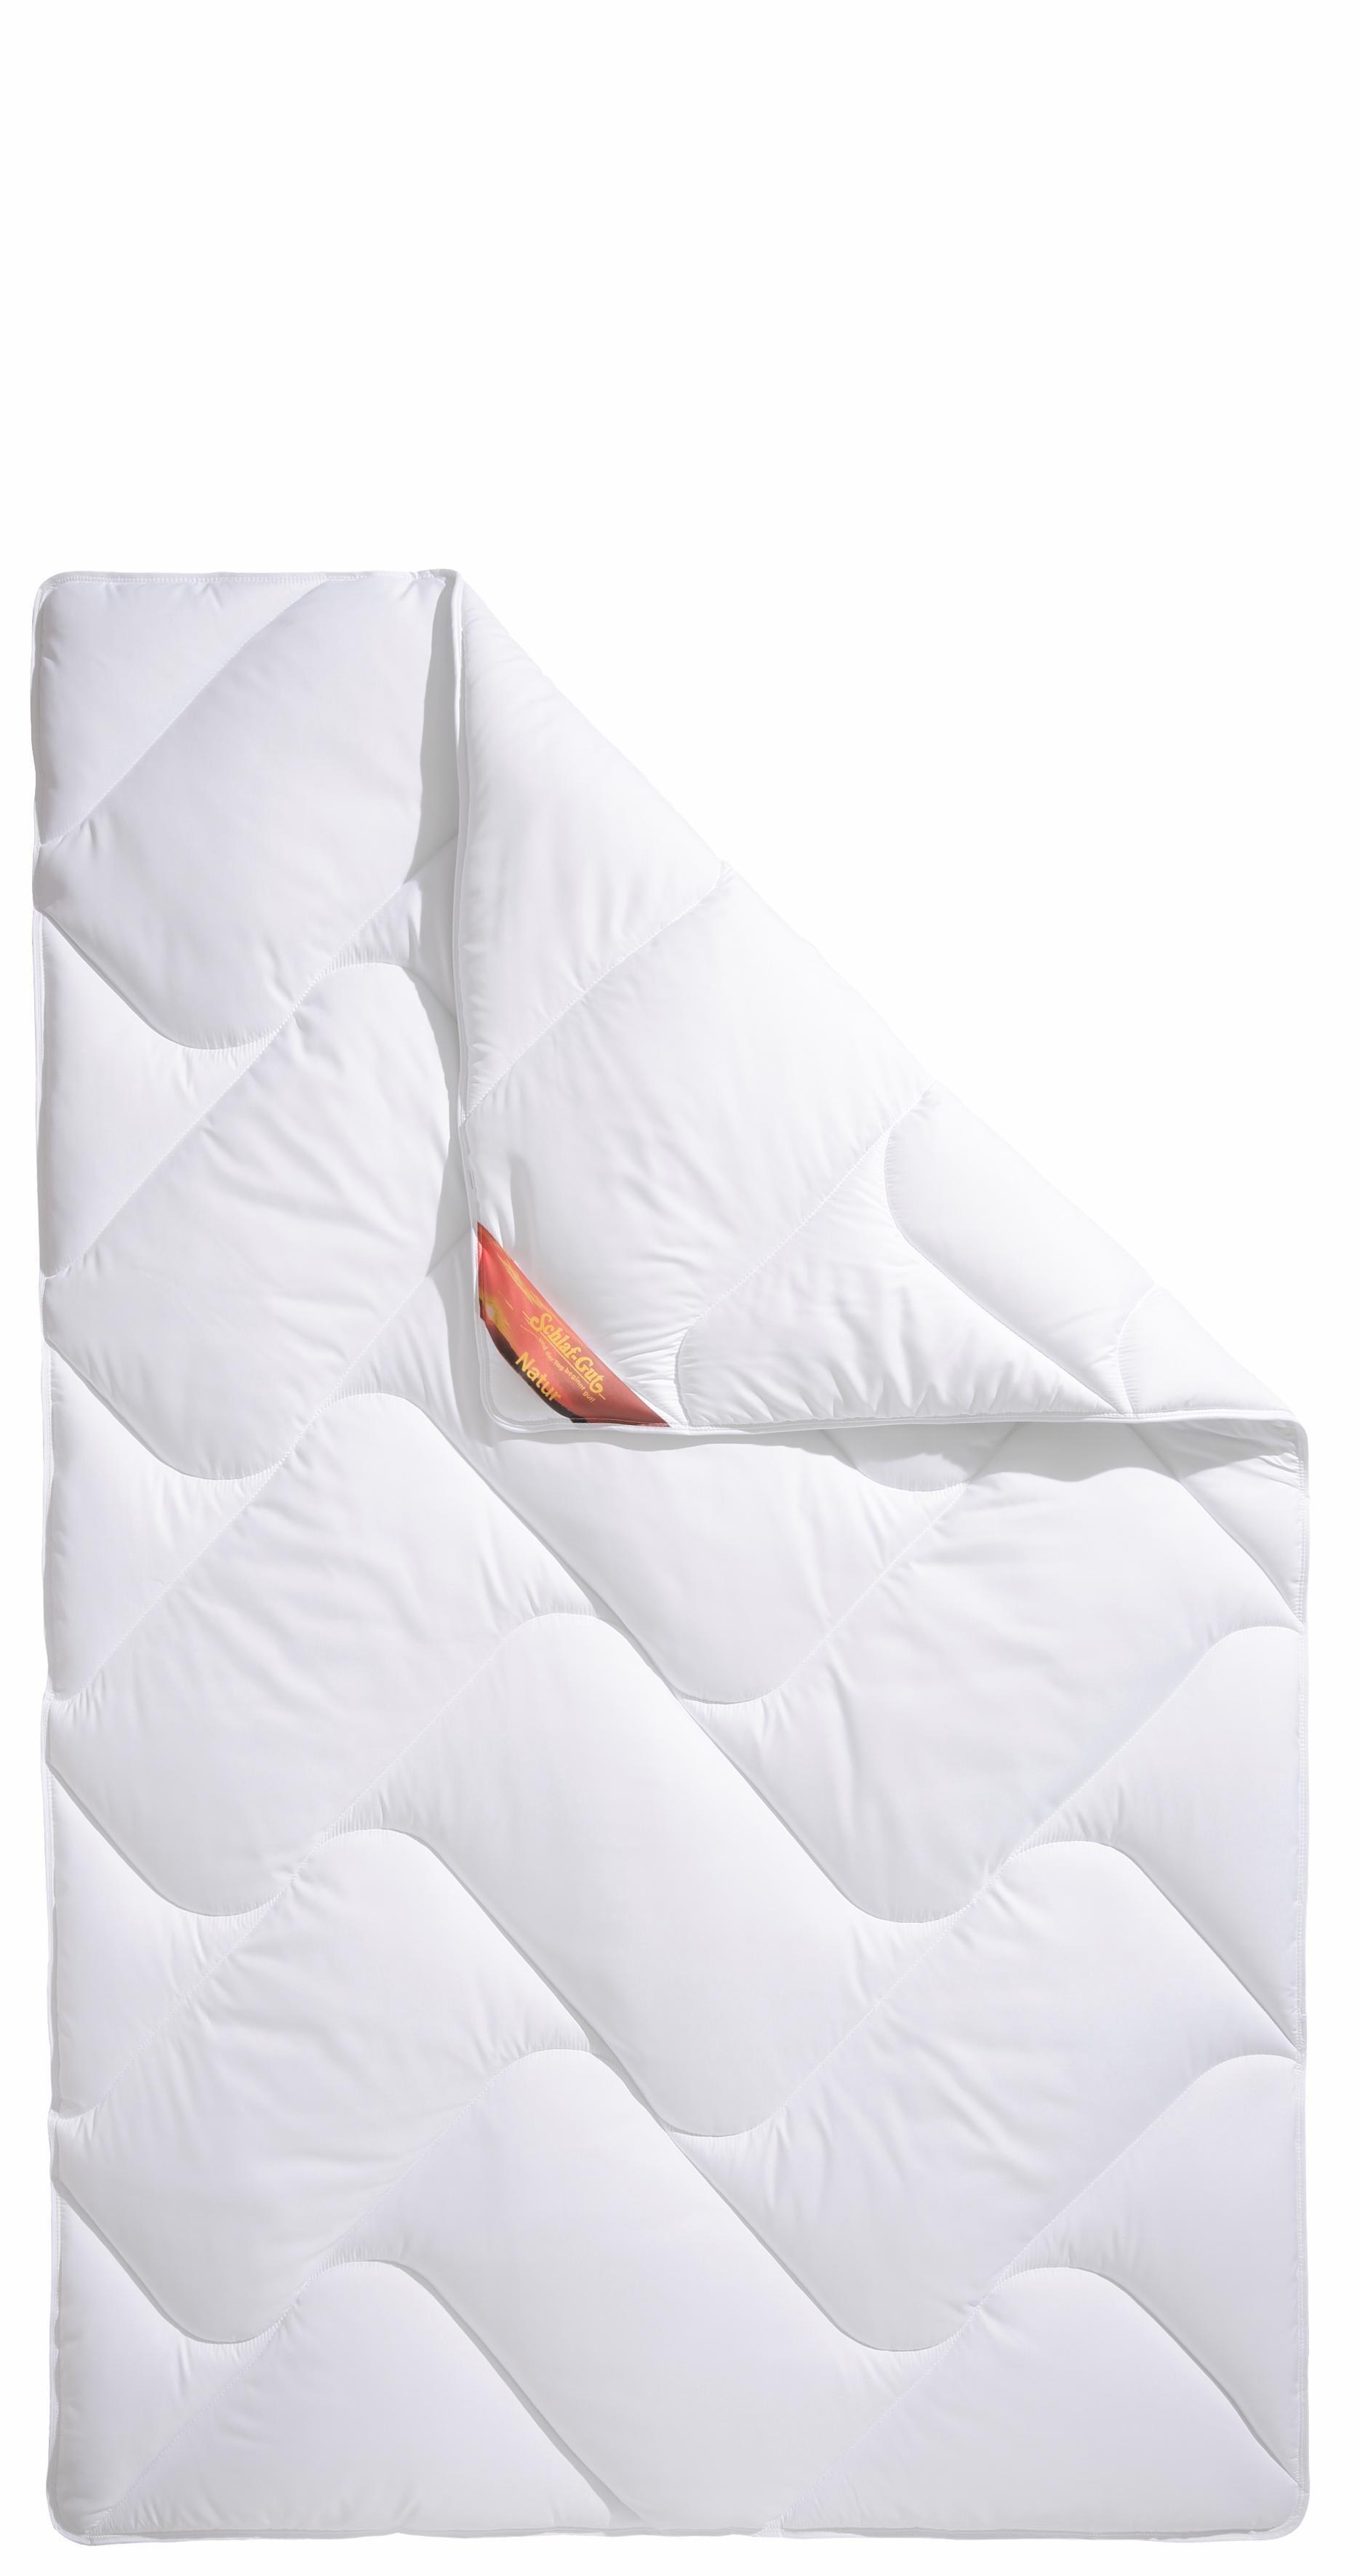 Kunstfaserbettdecke, »Proneem«, Schlaf-Gut, normal, (1-tlg), mit Mikrofaser-Bezug | Heimtextilien > Decken und Kissen > Bettdecken | Schlaf-Gut